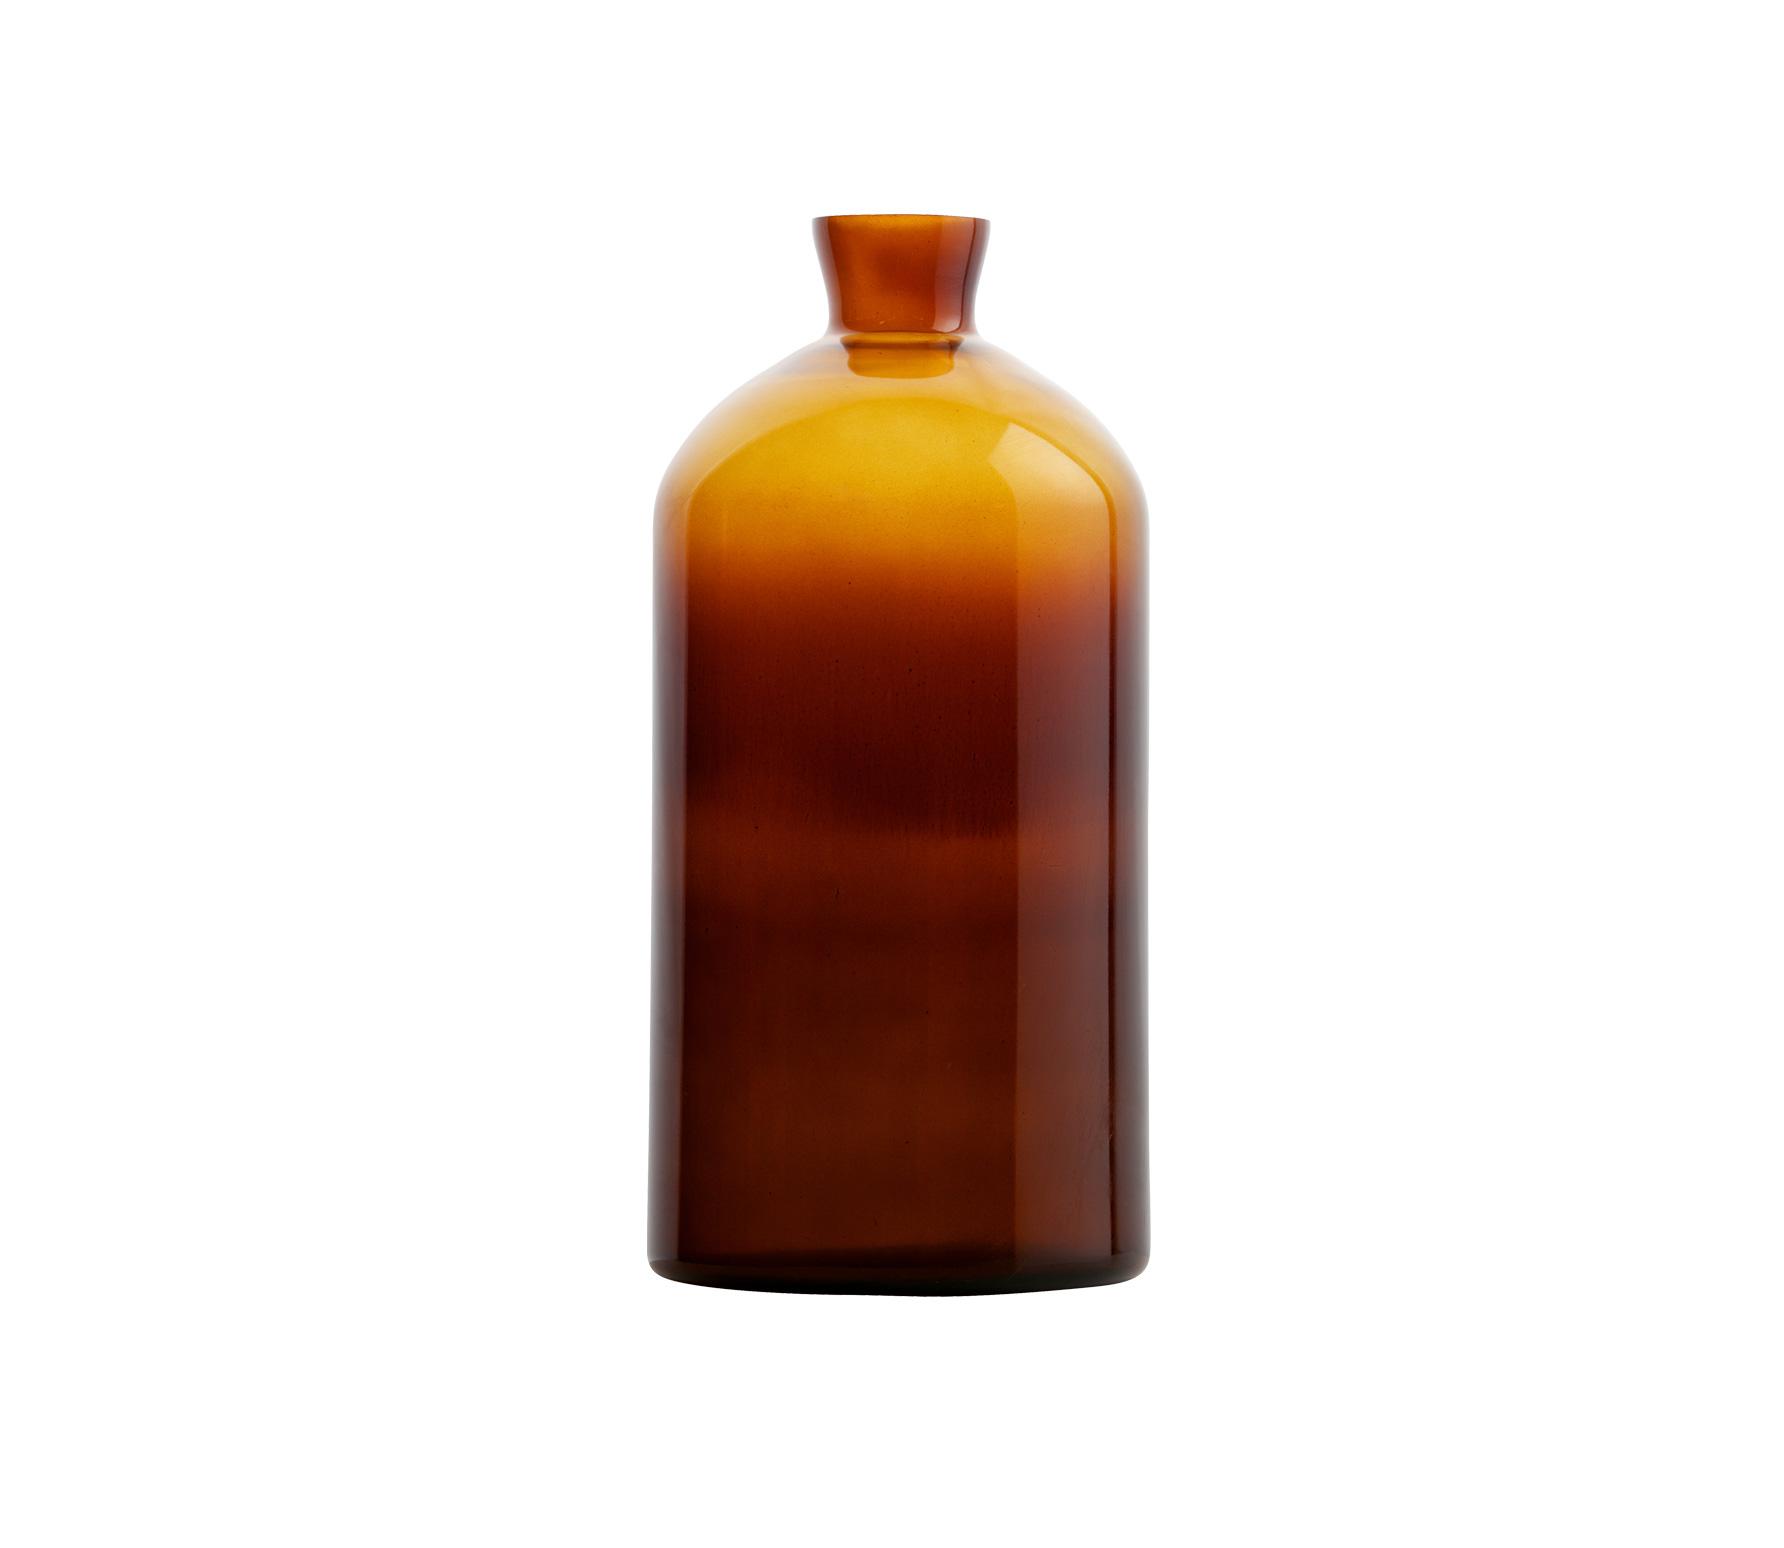 BePureHome Chemistry glazen vaas XL bruin vrijstaand